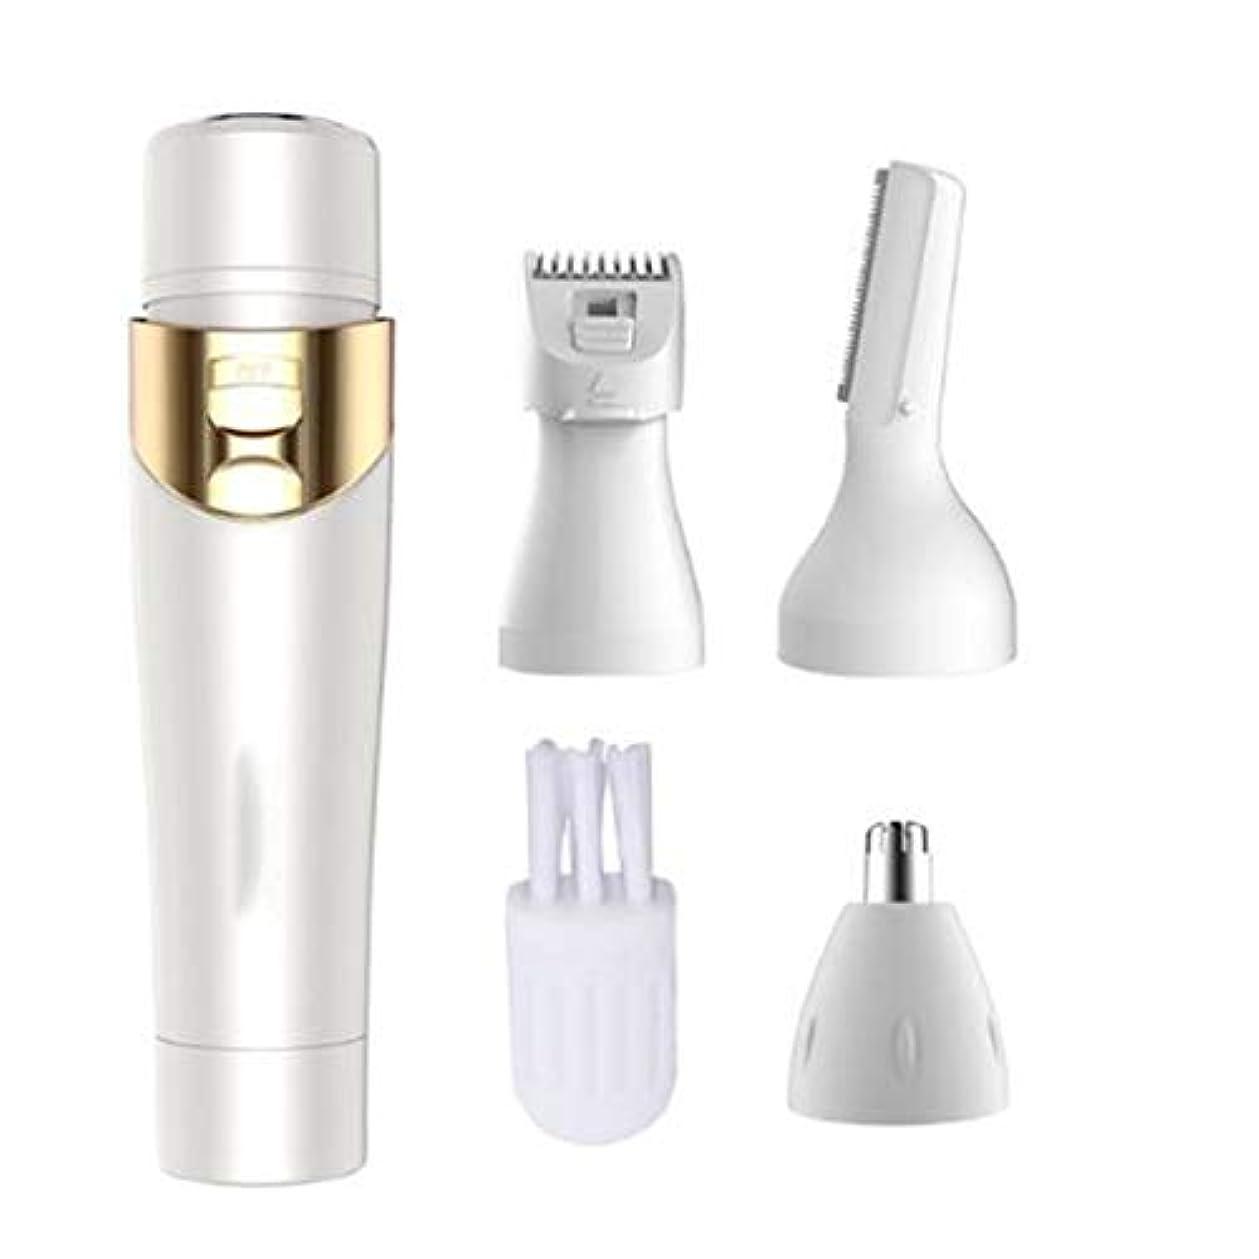 歯科医アトミック天の女性の電気かみそり、顔の毛のリムーバー充電式ポータブル脱毛器多機能4 in 1 for体、顔、ビキニ、脇の下 (Color : White)